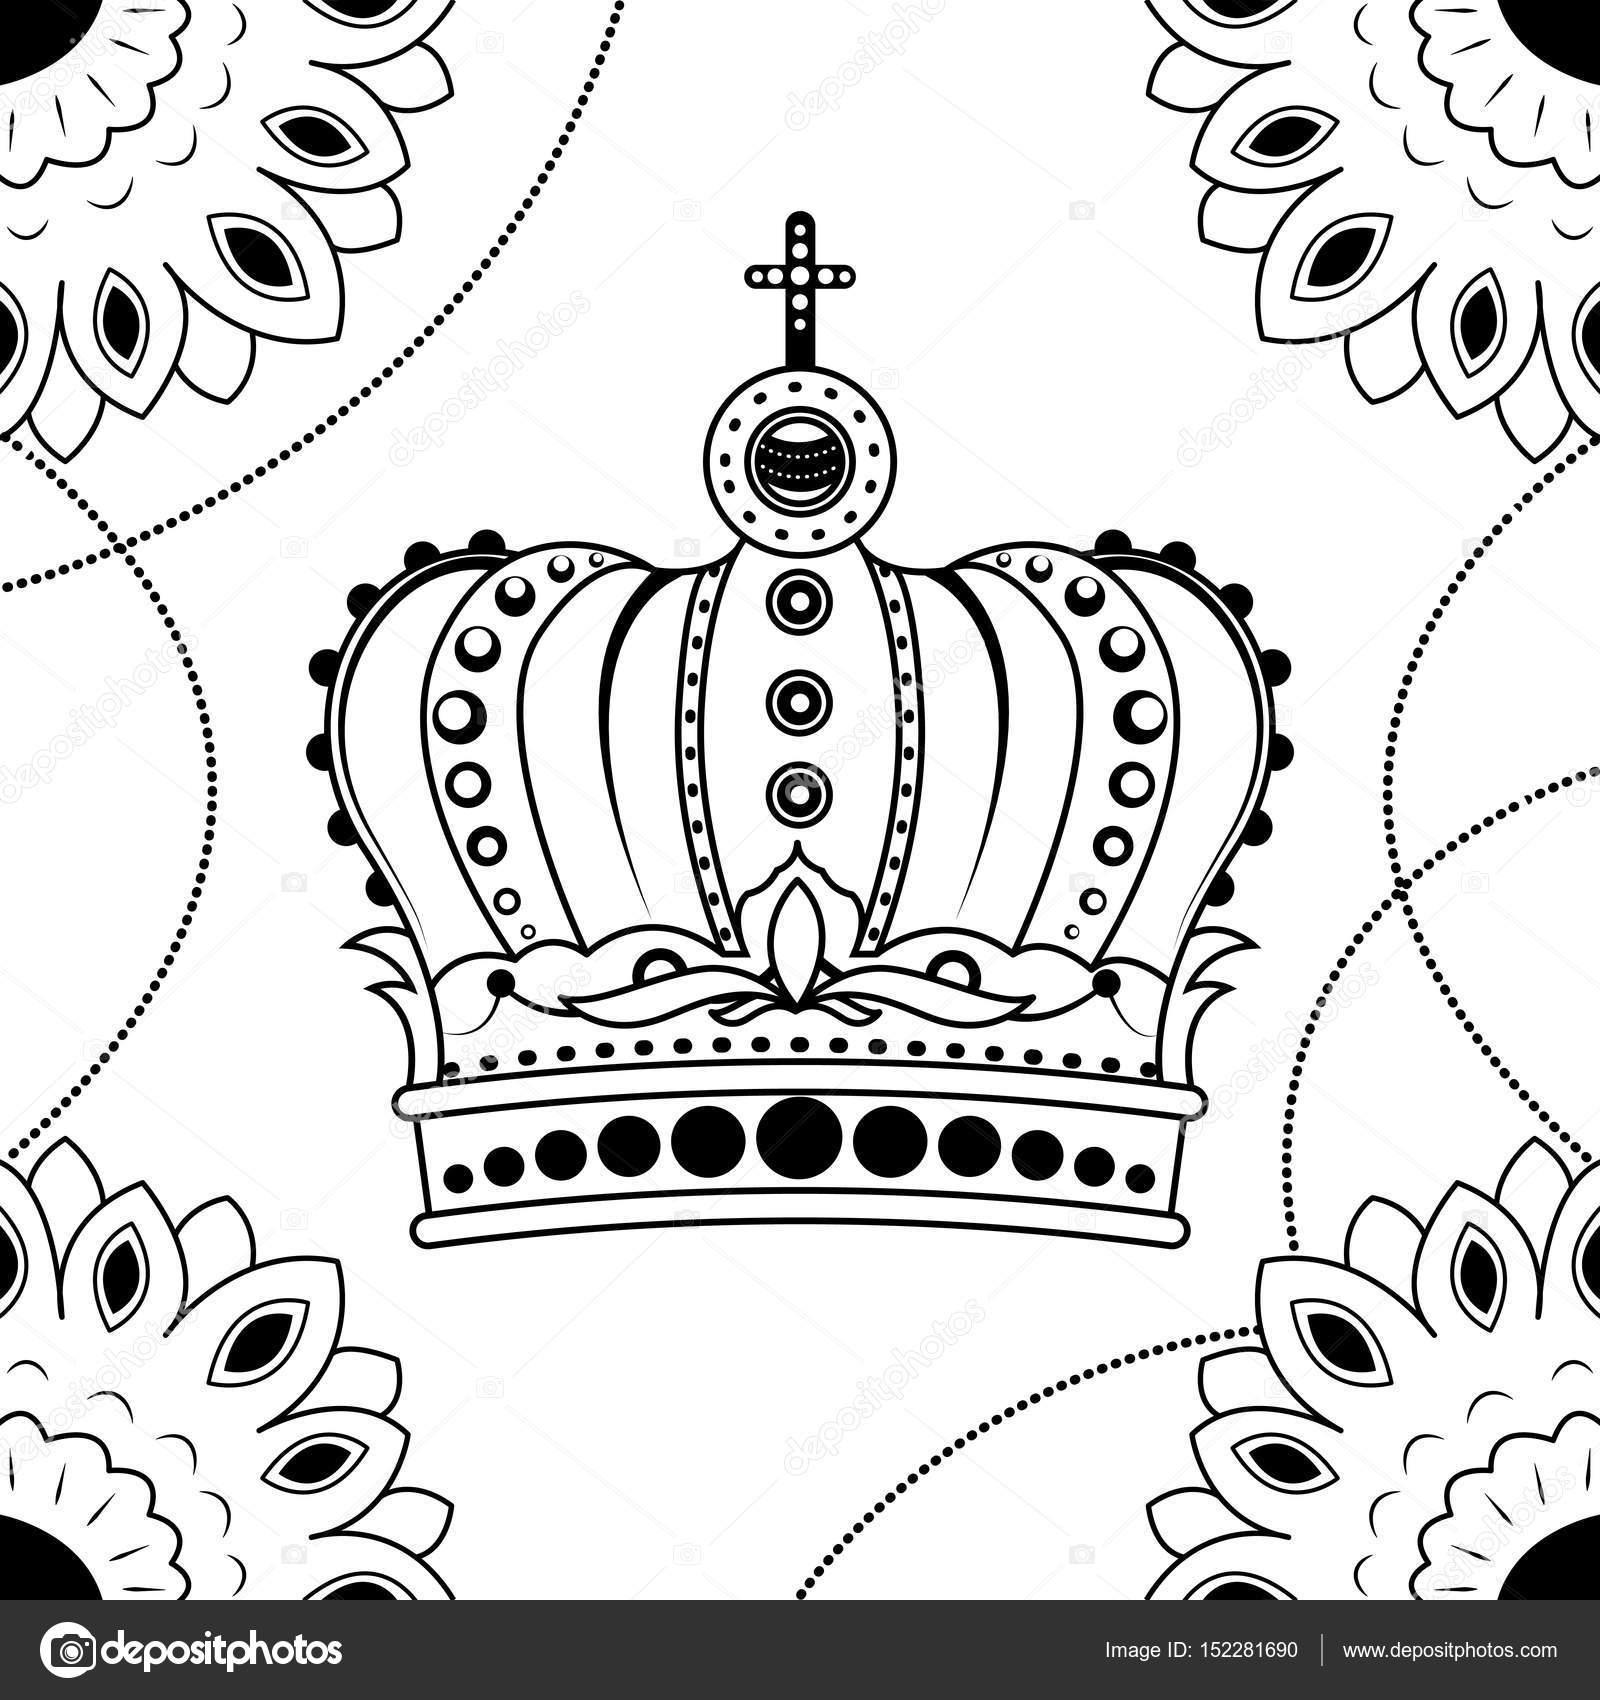 Strichzeichnungen hand Zeichnung schwarze Krone isoliert auf weißem ...